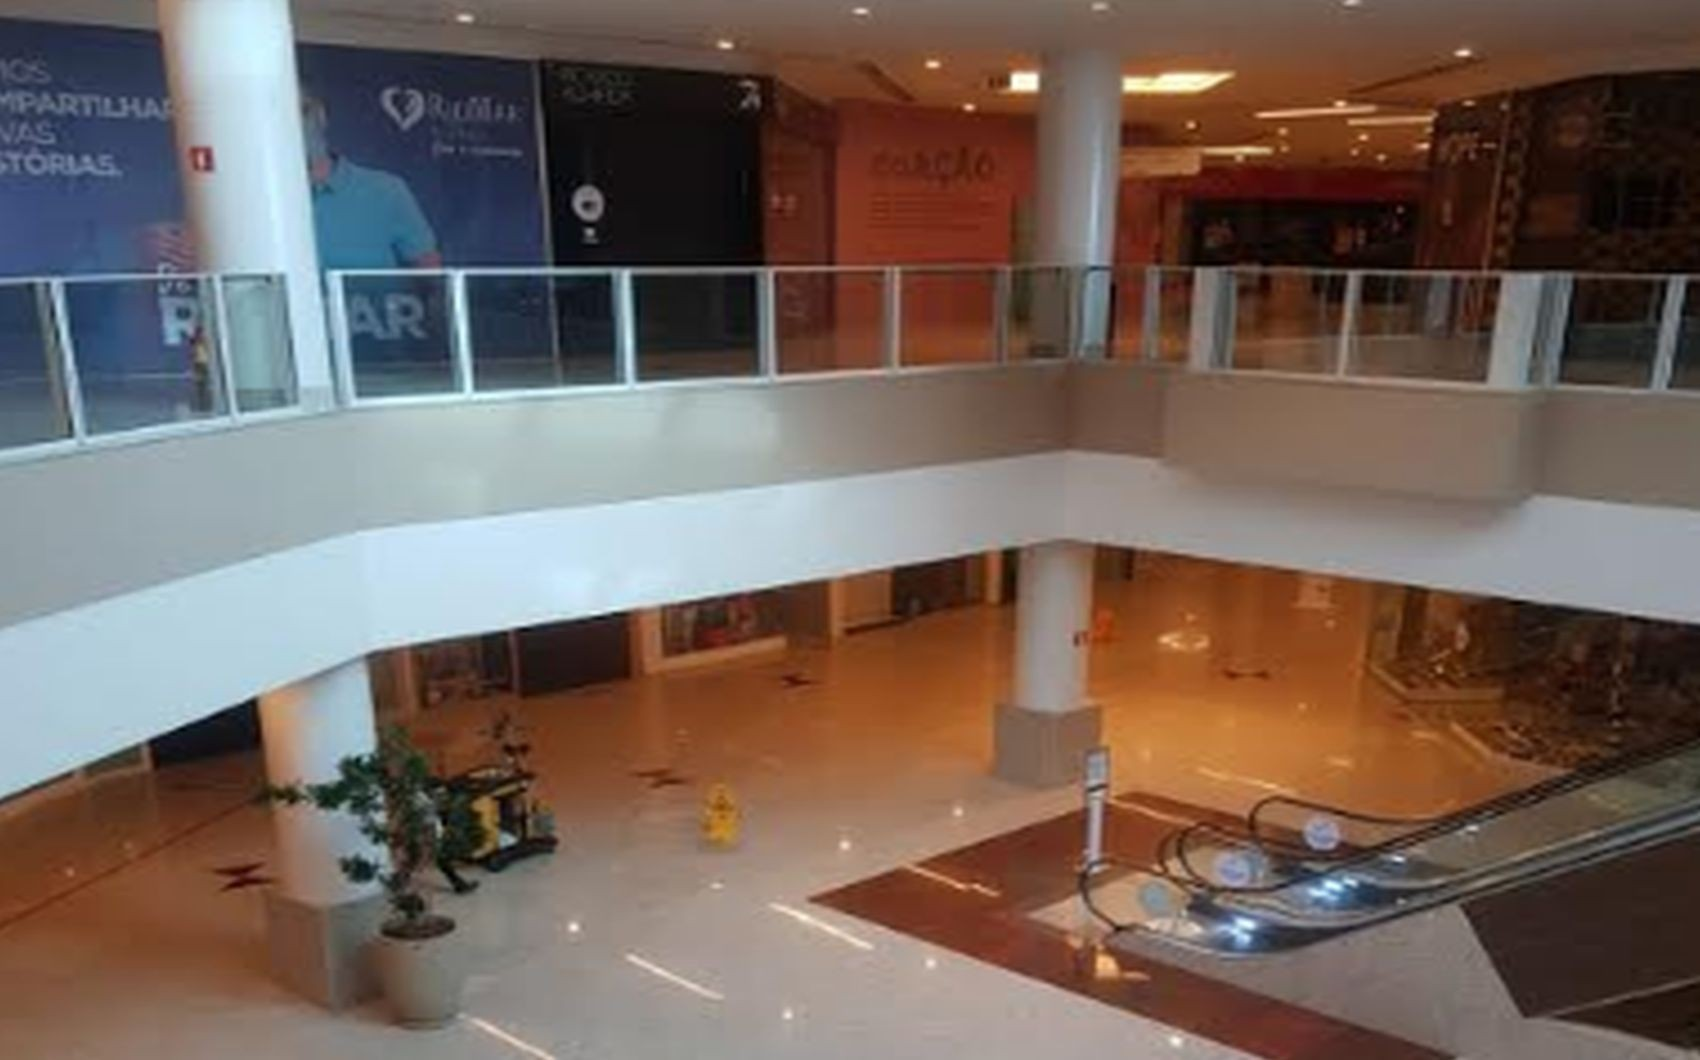 Shoppings de Aracaju retomam o horário de funcionamento a partir de segunda-feira